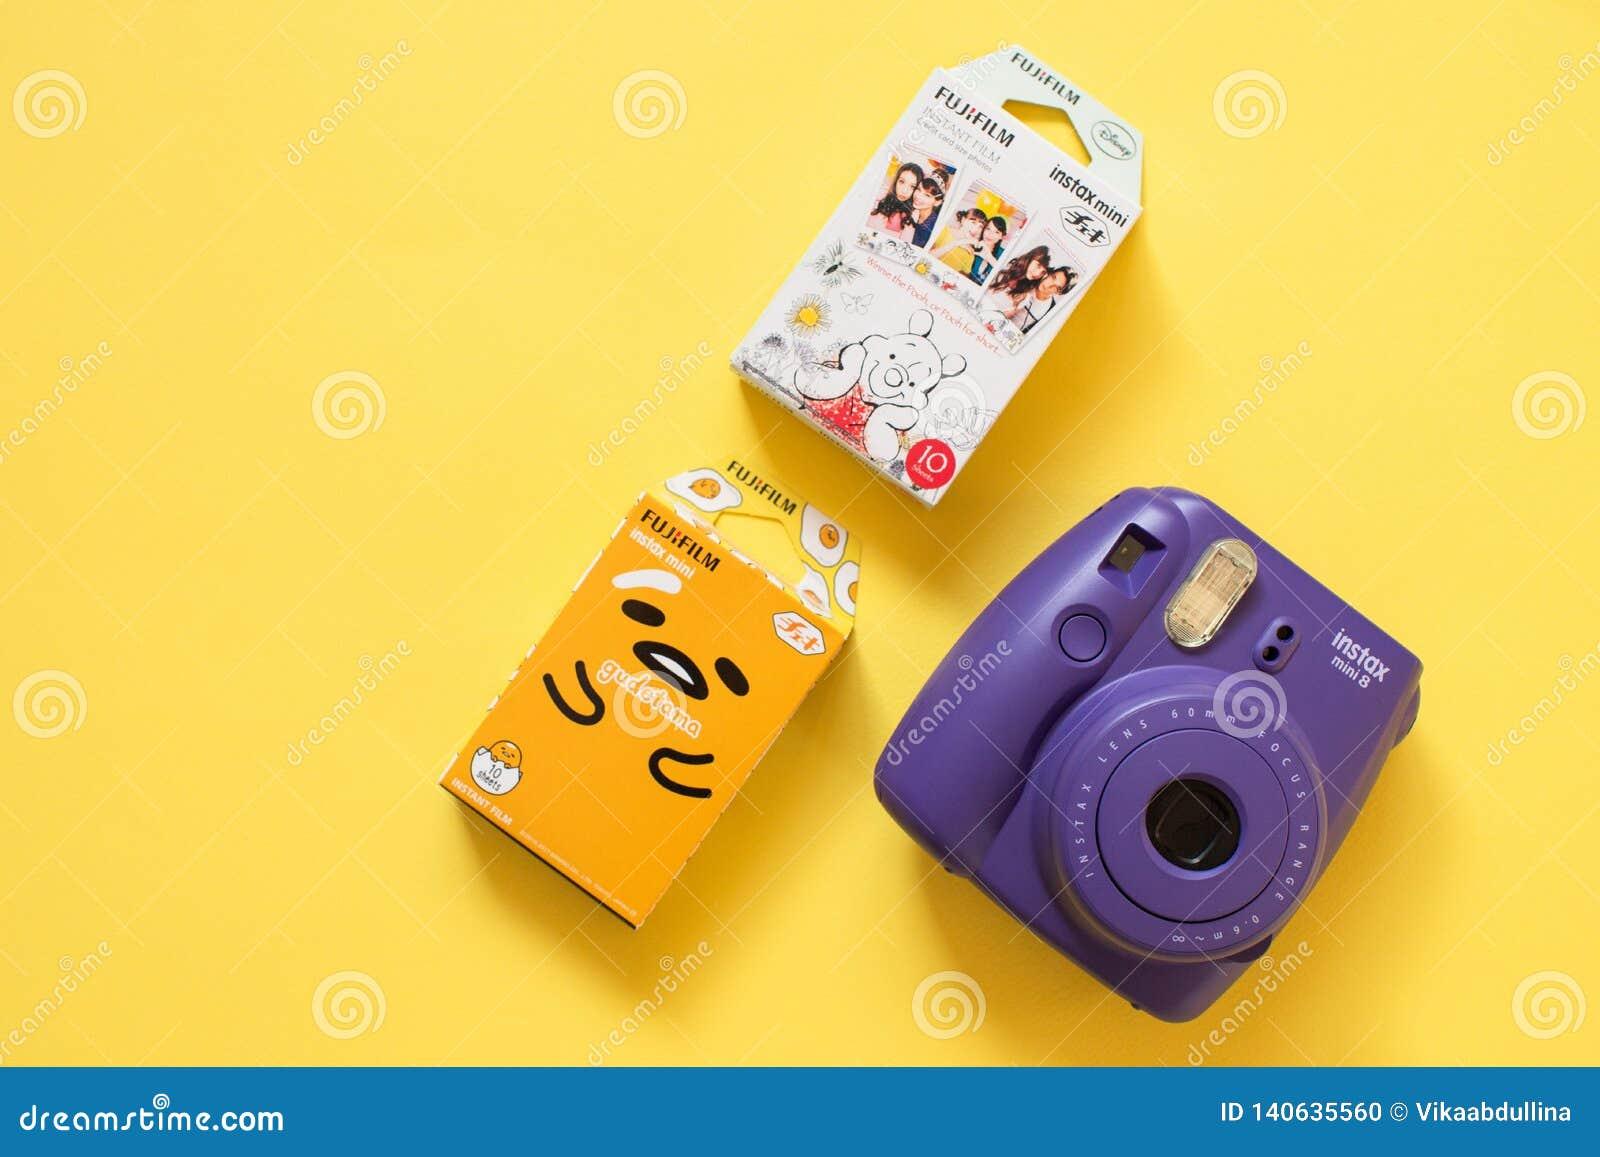 Μίνι κάμερα Fujifilm instax και gudetama και Winnie η στιγμιαία ταινία Pooh στο κίτρινο υπόβαθρο